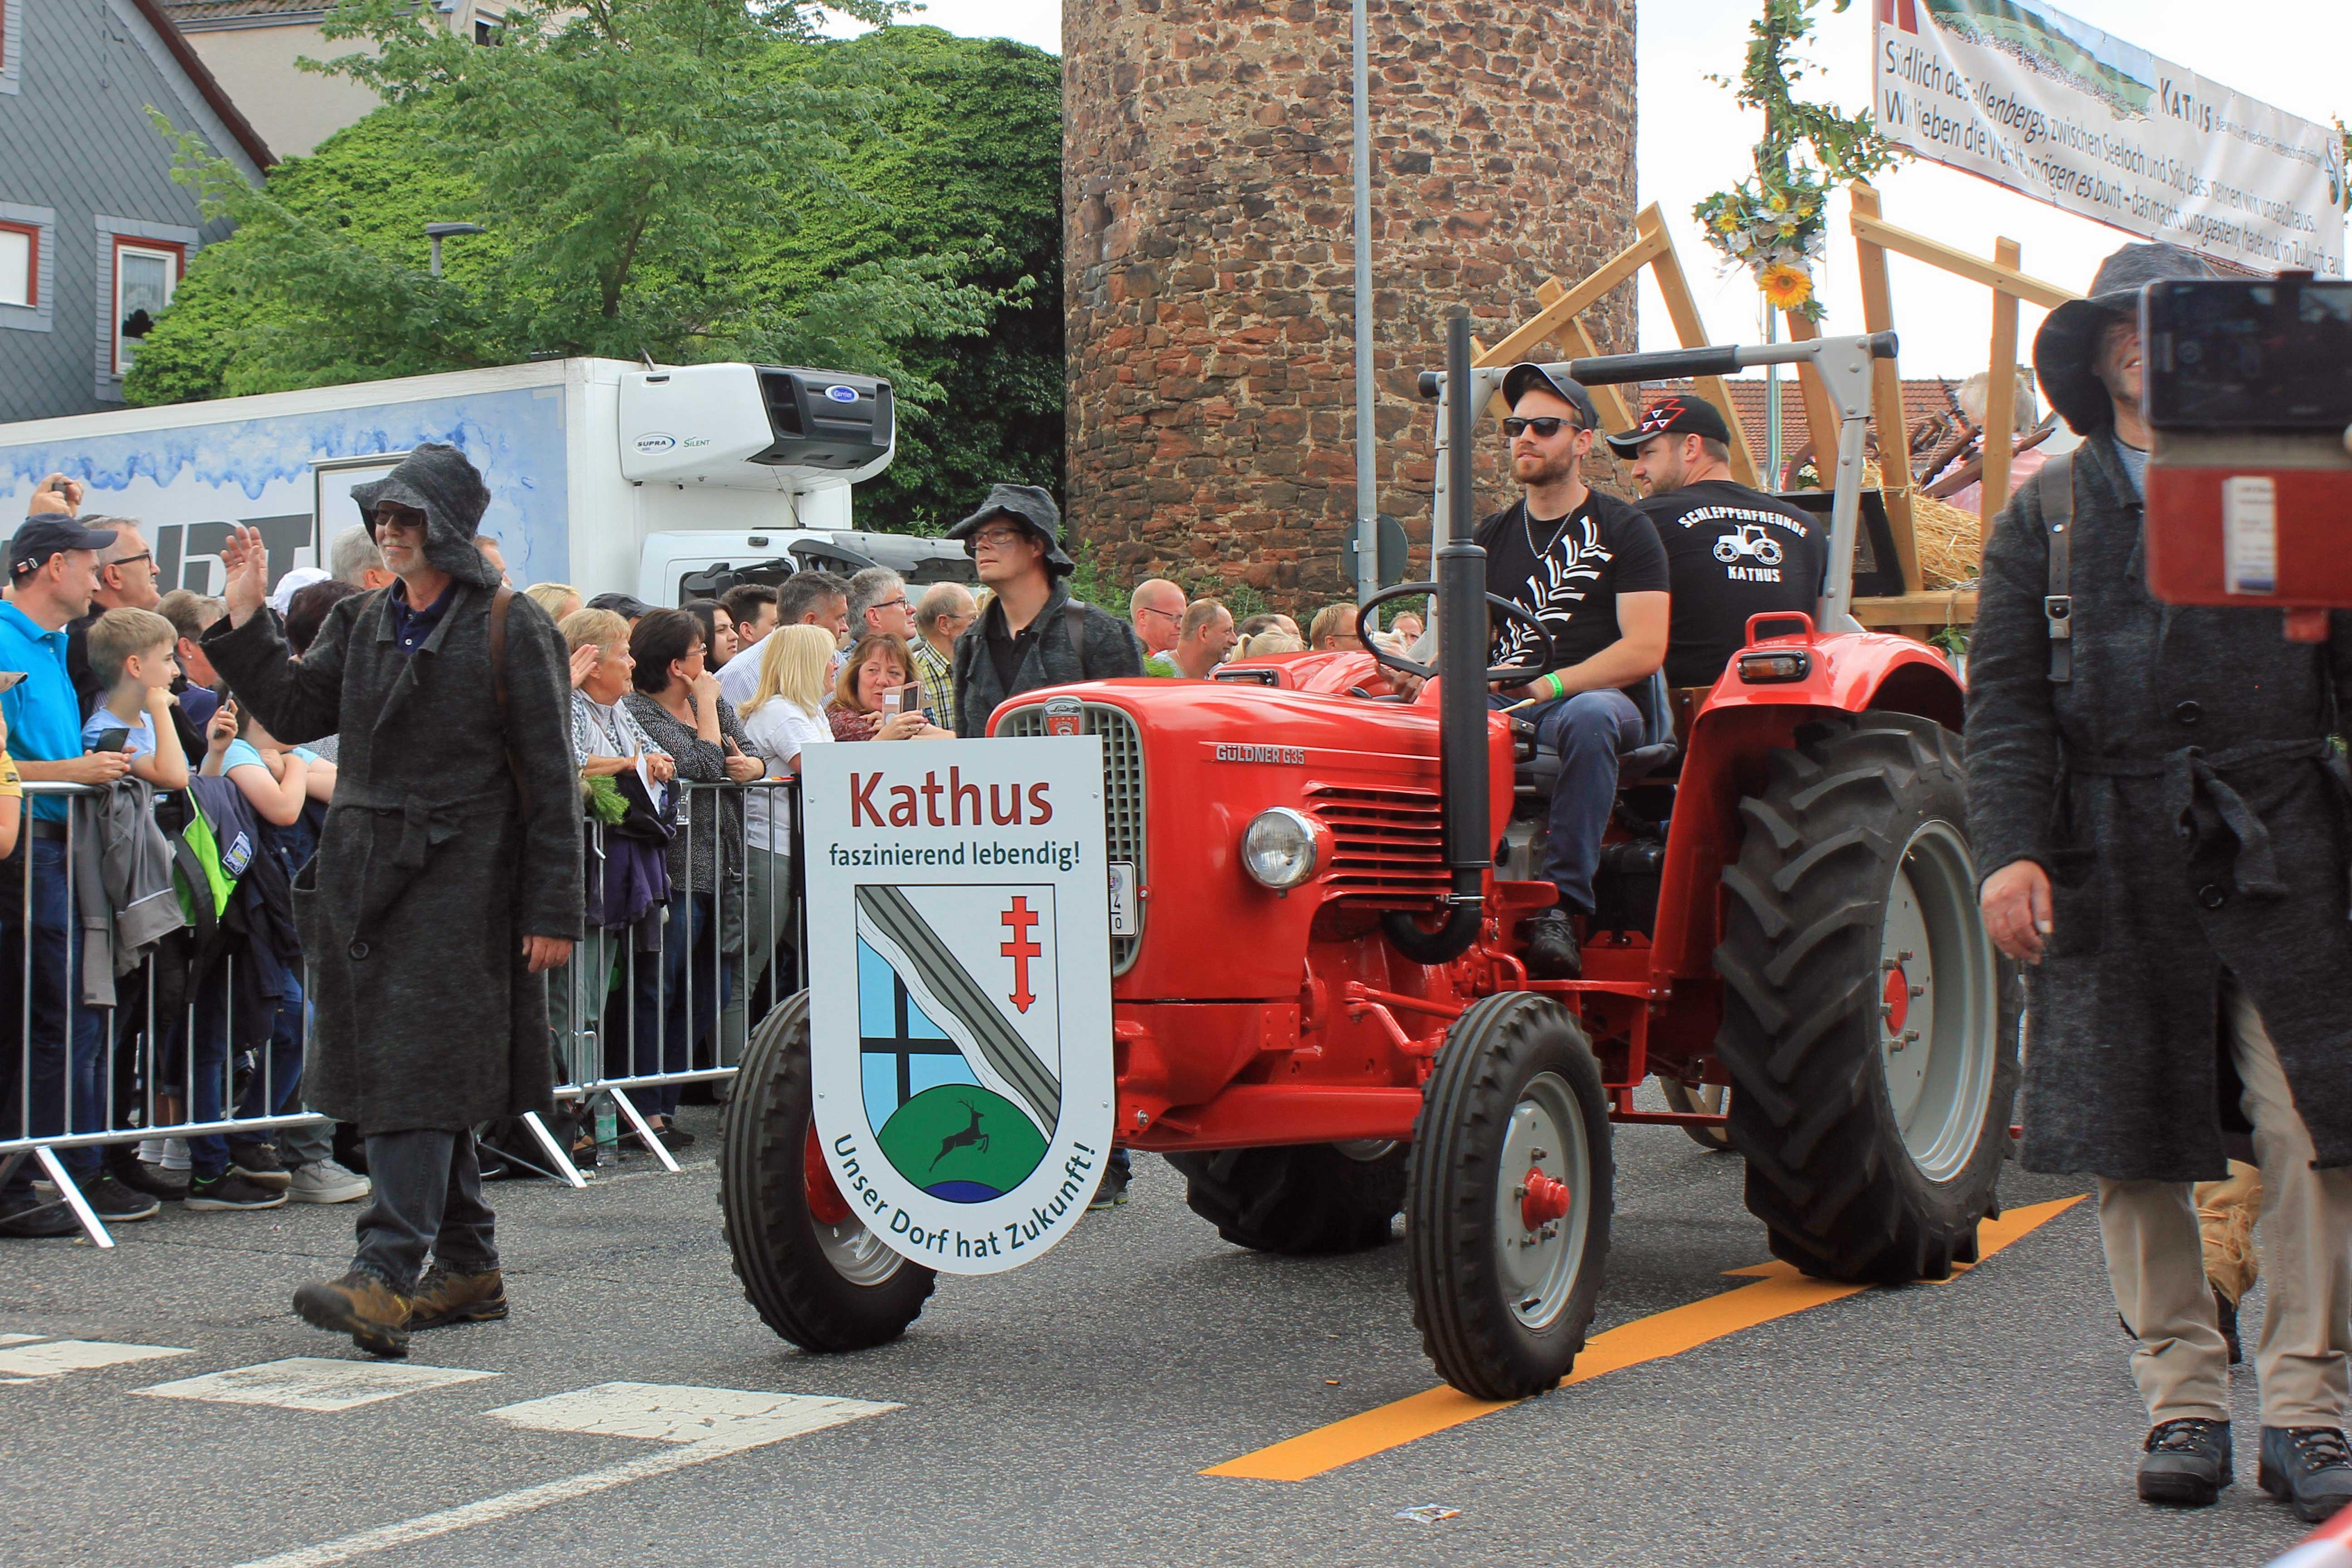 19-HT-Kathus